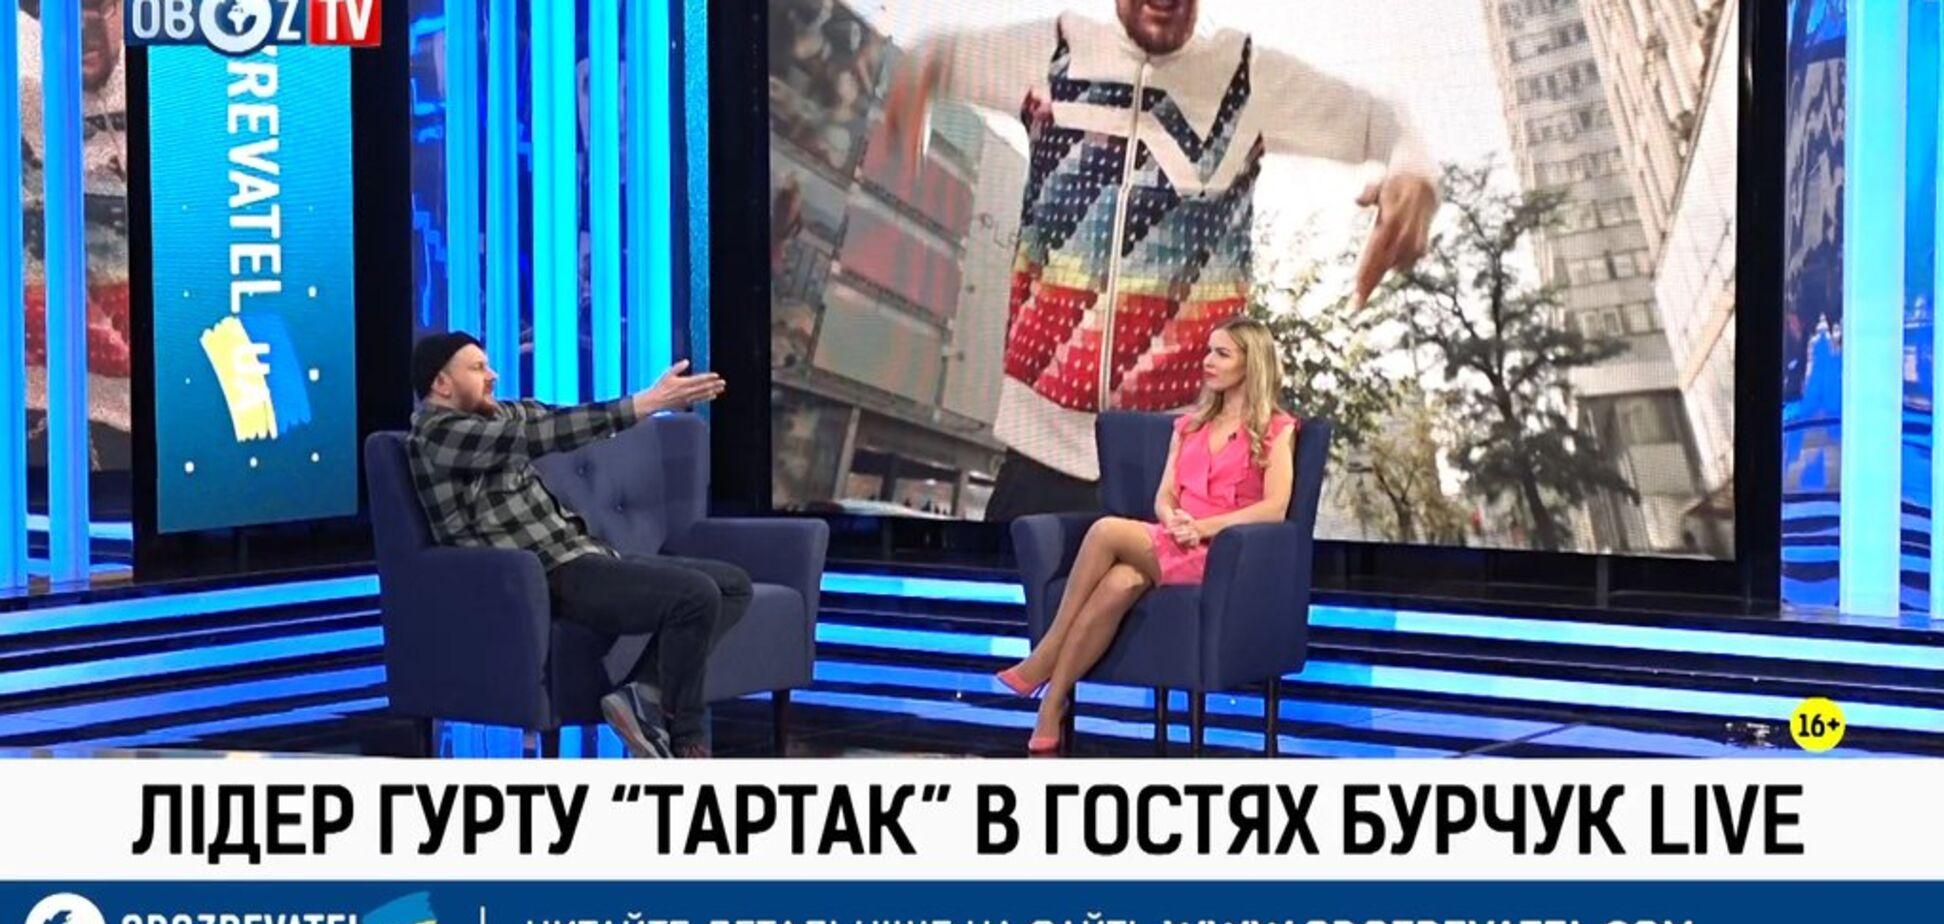 Був один виступ в Росії, який не хотілося б повторювати – Положинський